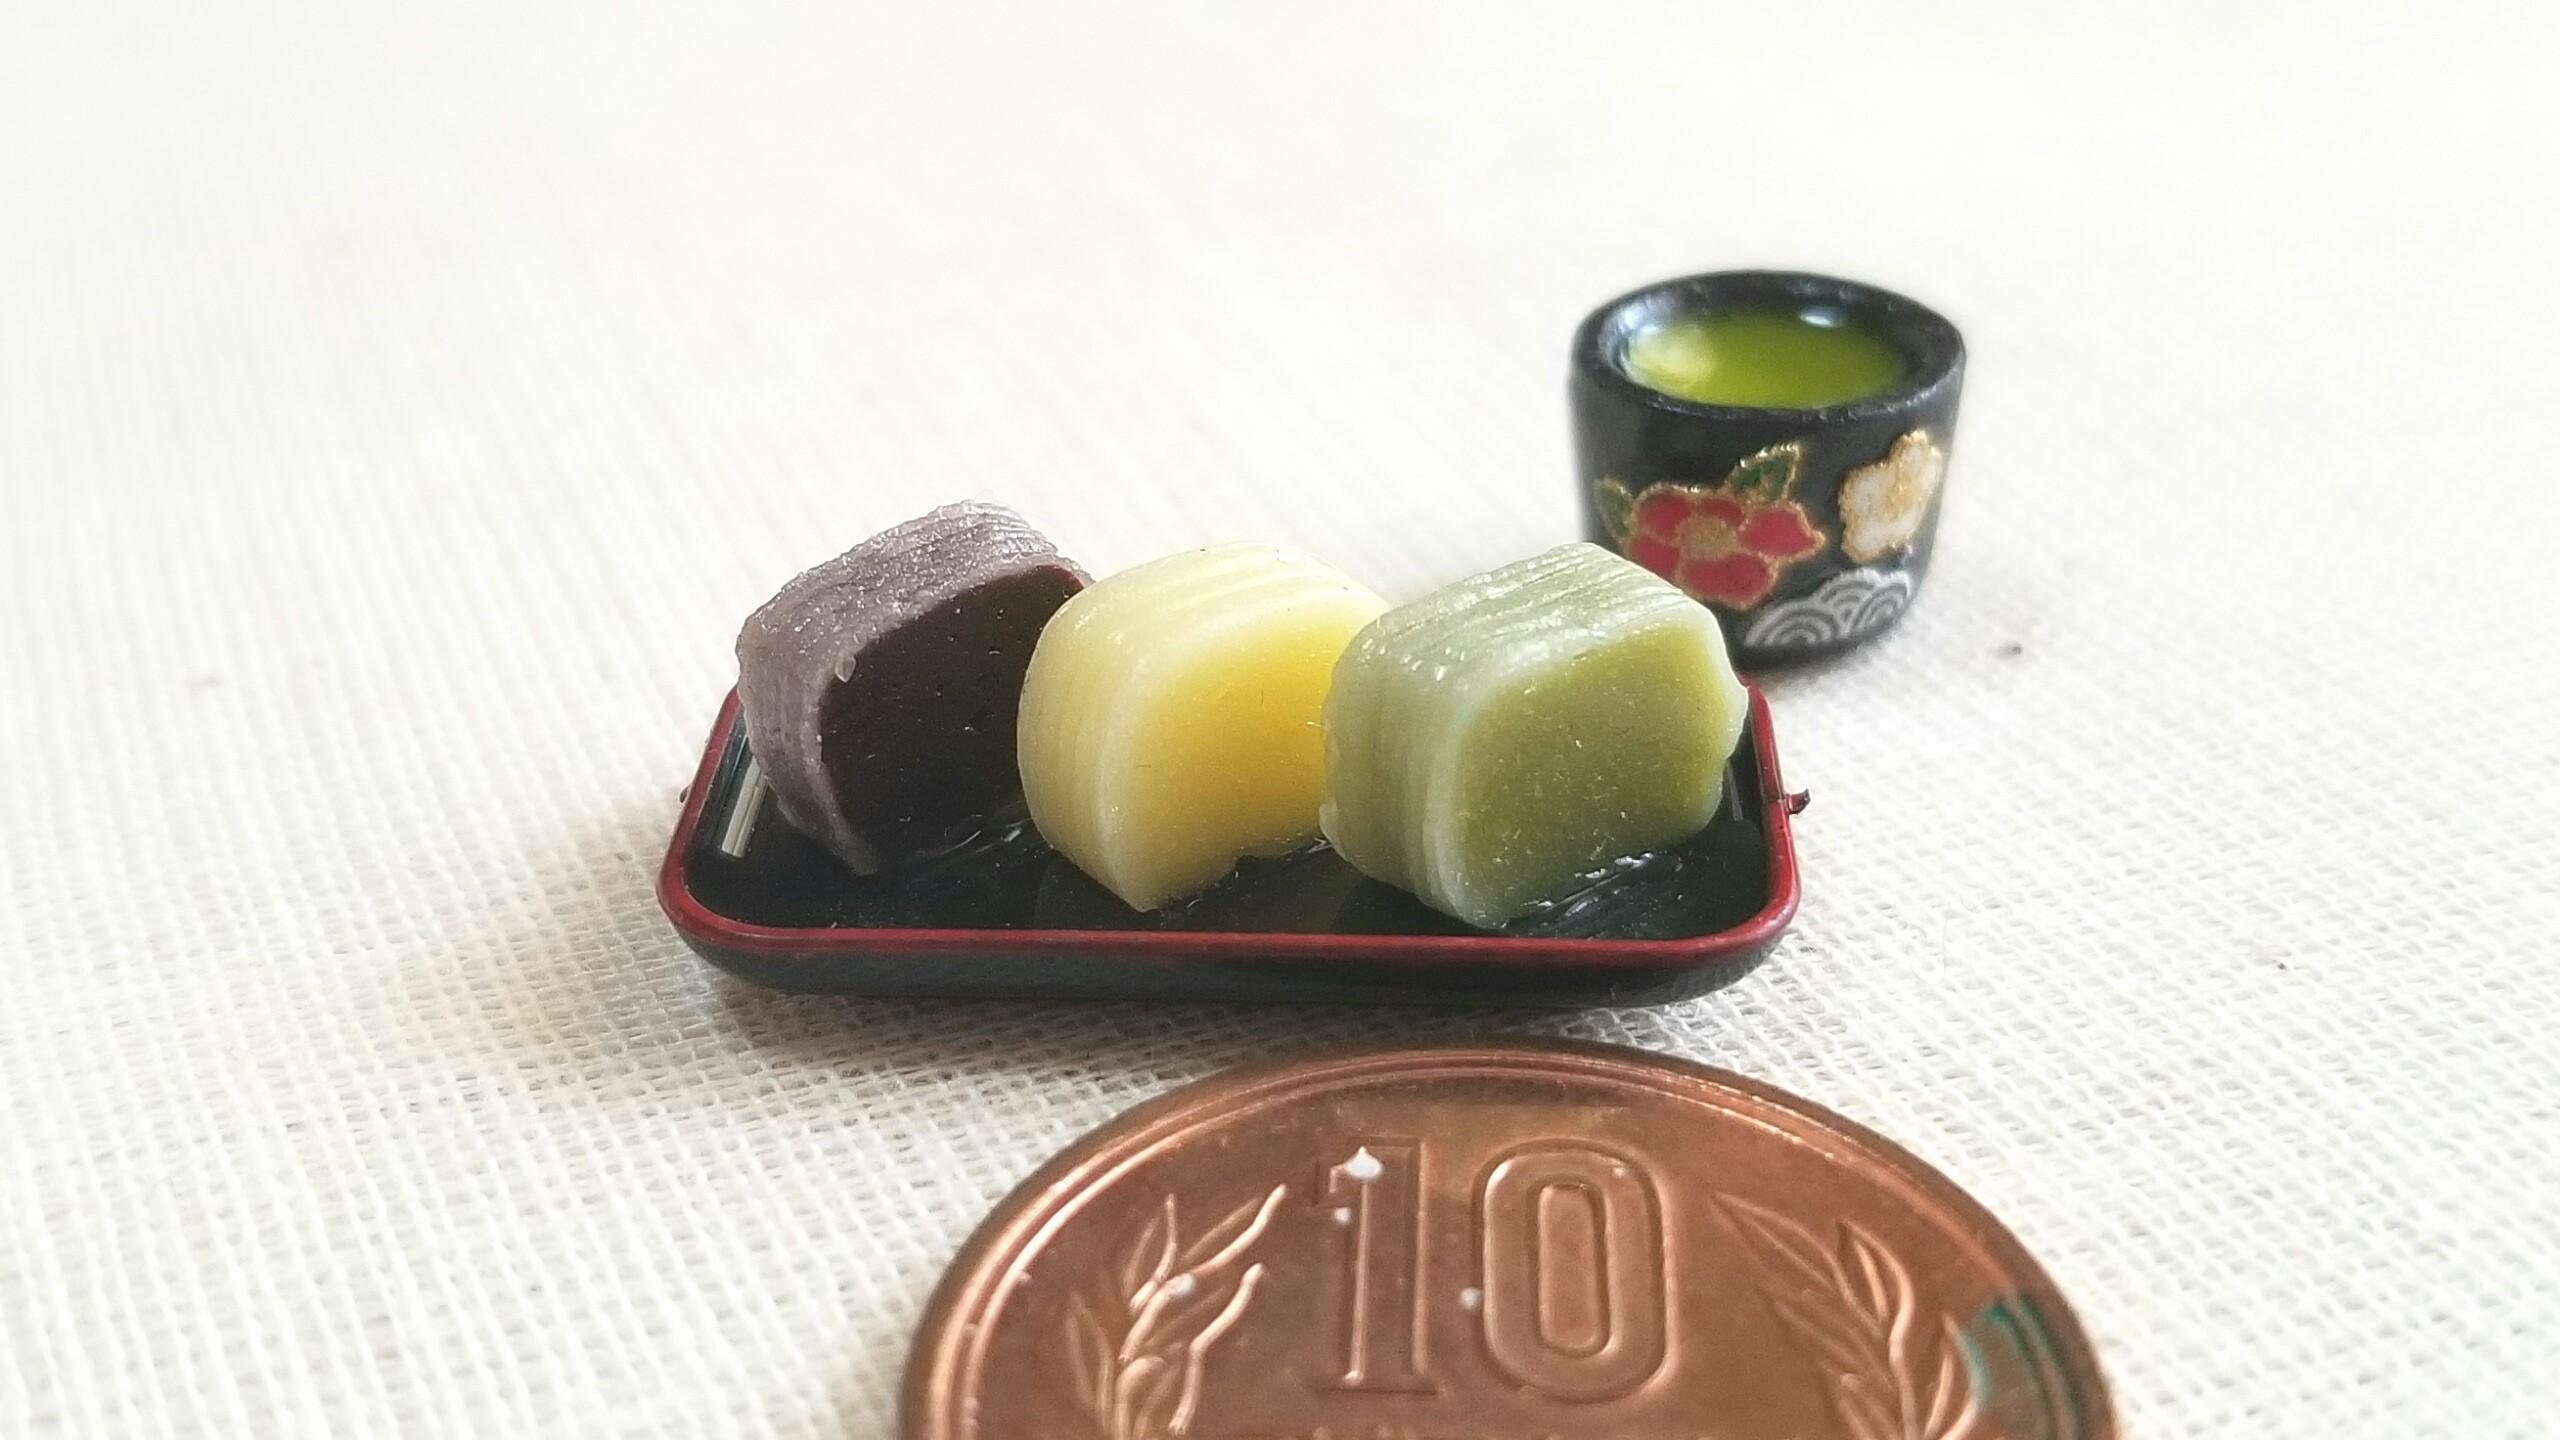 美味しそうな写真画像和菓子生羊羮おいしいおすすめ人気商品綺麗な